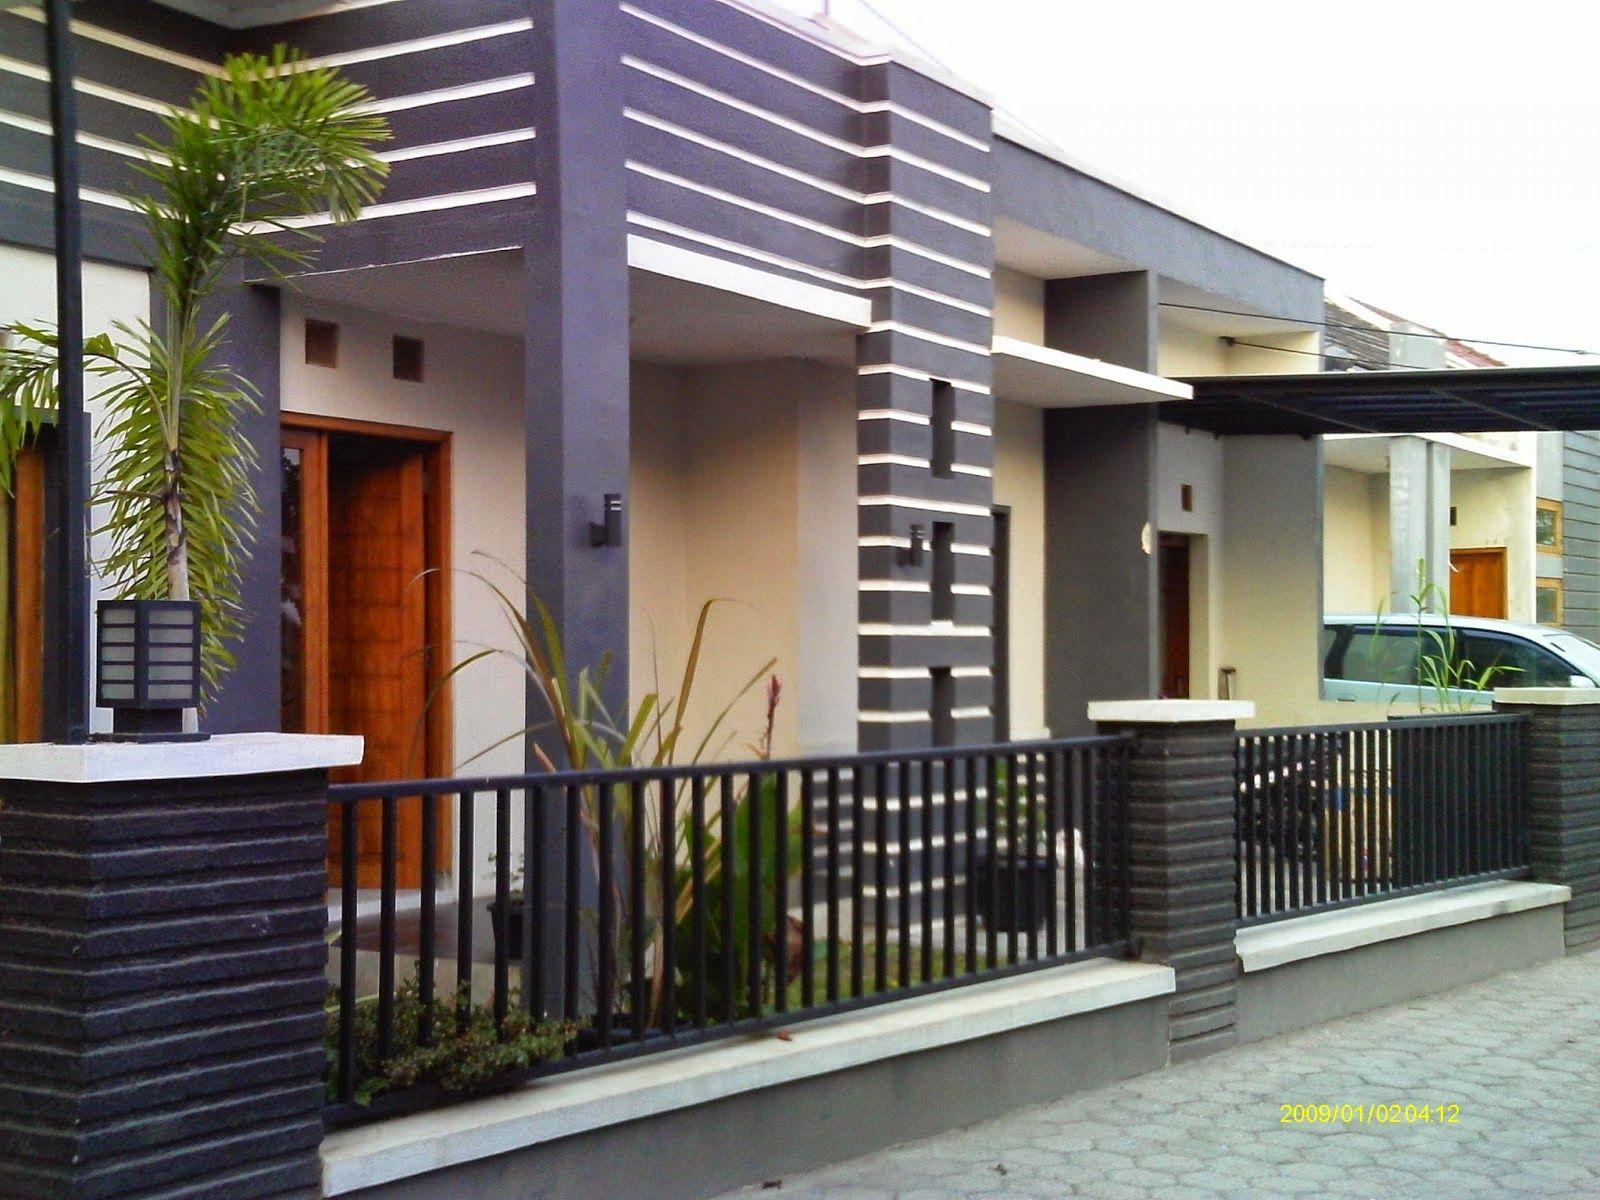 Desain Pagar Rumah Mewah Modern Cek Bahan Bangunan